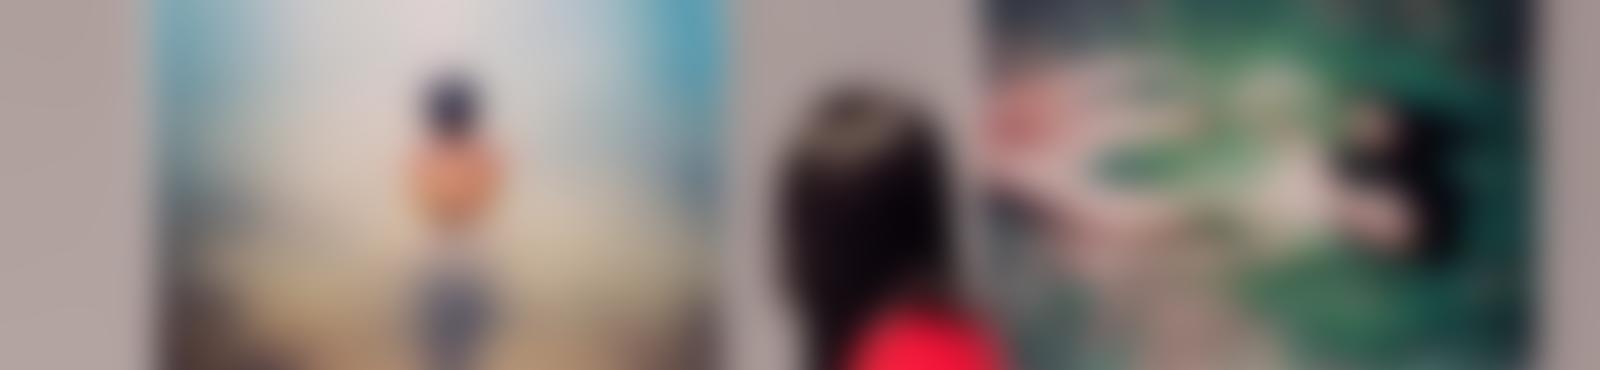 Blurred 185d8eef 94bd 4e26 944c 50bd6a951a97